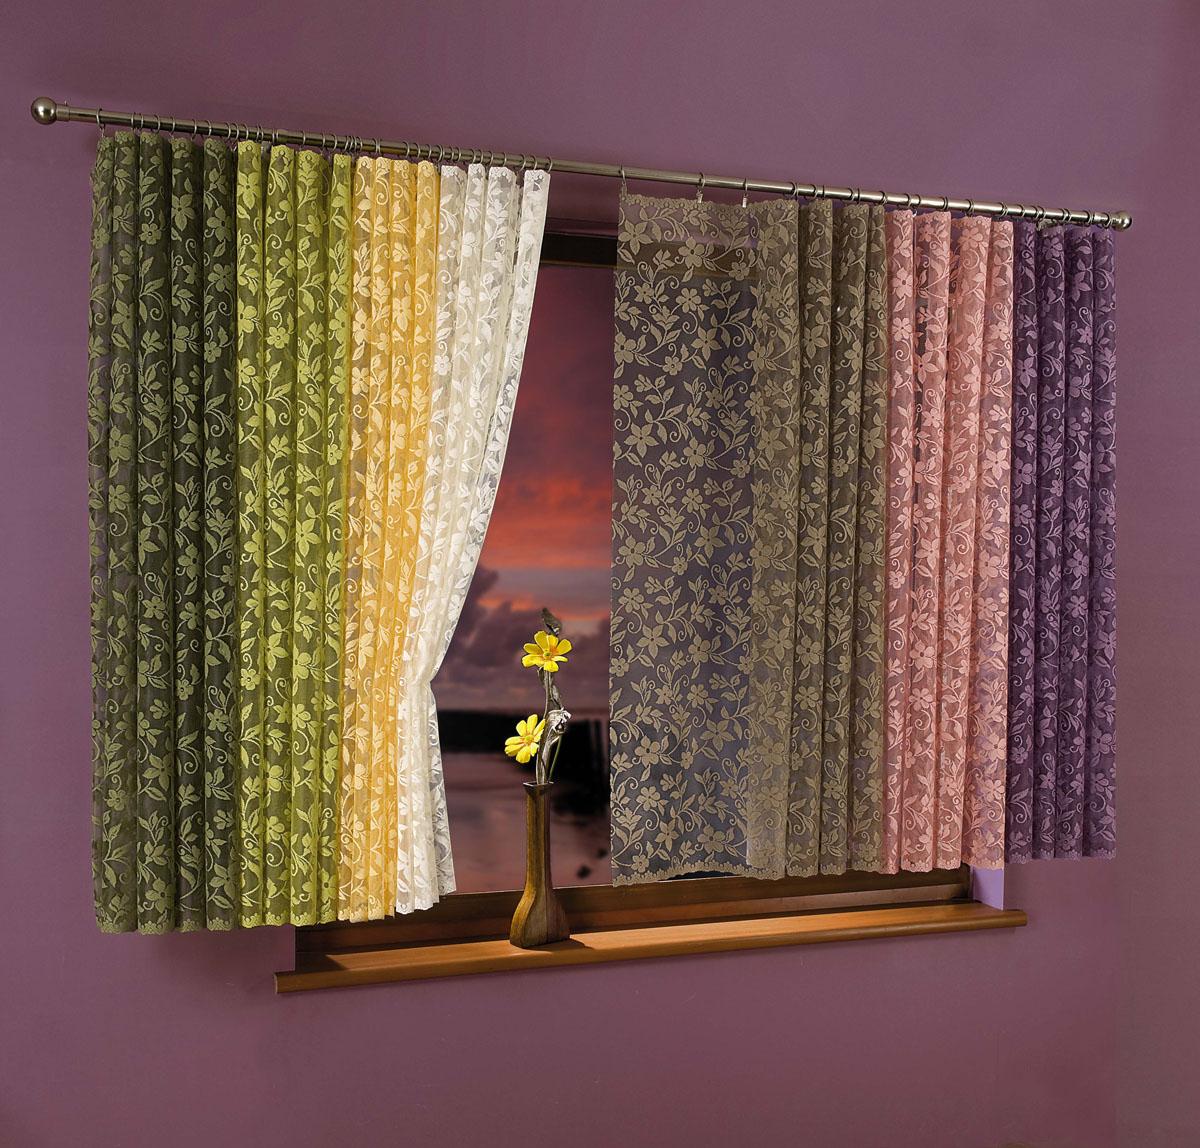 Гардина-тюль Kwiat Jabloni, на ленте, цвет: синий, высота 250 см736195Воздушная гардина-тюль Kwiat Jabloni, изготовленная из полиэстера синего цвета, станет великолепным украшением любого окна. Тонкое плетение, оригинальный дизайн и приятная цветовая гамма привлекут к себе внимание и органично впишутся в интерьер комнаты. В гардину-тюль вшита шторная лента. Характеристики: Материал: 100% полиэстер. Цвет: синий. Размер упаковки: 27 см х 36 см х 3 см. Артикул: 736195. В комплект входит: Гардина-тюль - 1 шт. Размер (Ш х В): 150 см х 250 см. Фирма Wisan на польском рынке существует уже более пятидесяти лет и является одной из лучших польских фабрик по производству штор и тканей. Ассортимент фирмы представлен готовыми комплектами штор для гостиной, детской, кухни, а также текстилем для кухни (скатерти, салфетки, дорожки, кухонные занавески). Модельный ряд отличает оригинальный дизайн, высокое качество. Ассортимент продукции постоянно пополняется. УВАЖАЕМЫЕ КЛИЕНТЫ! ...